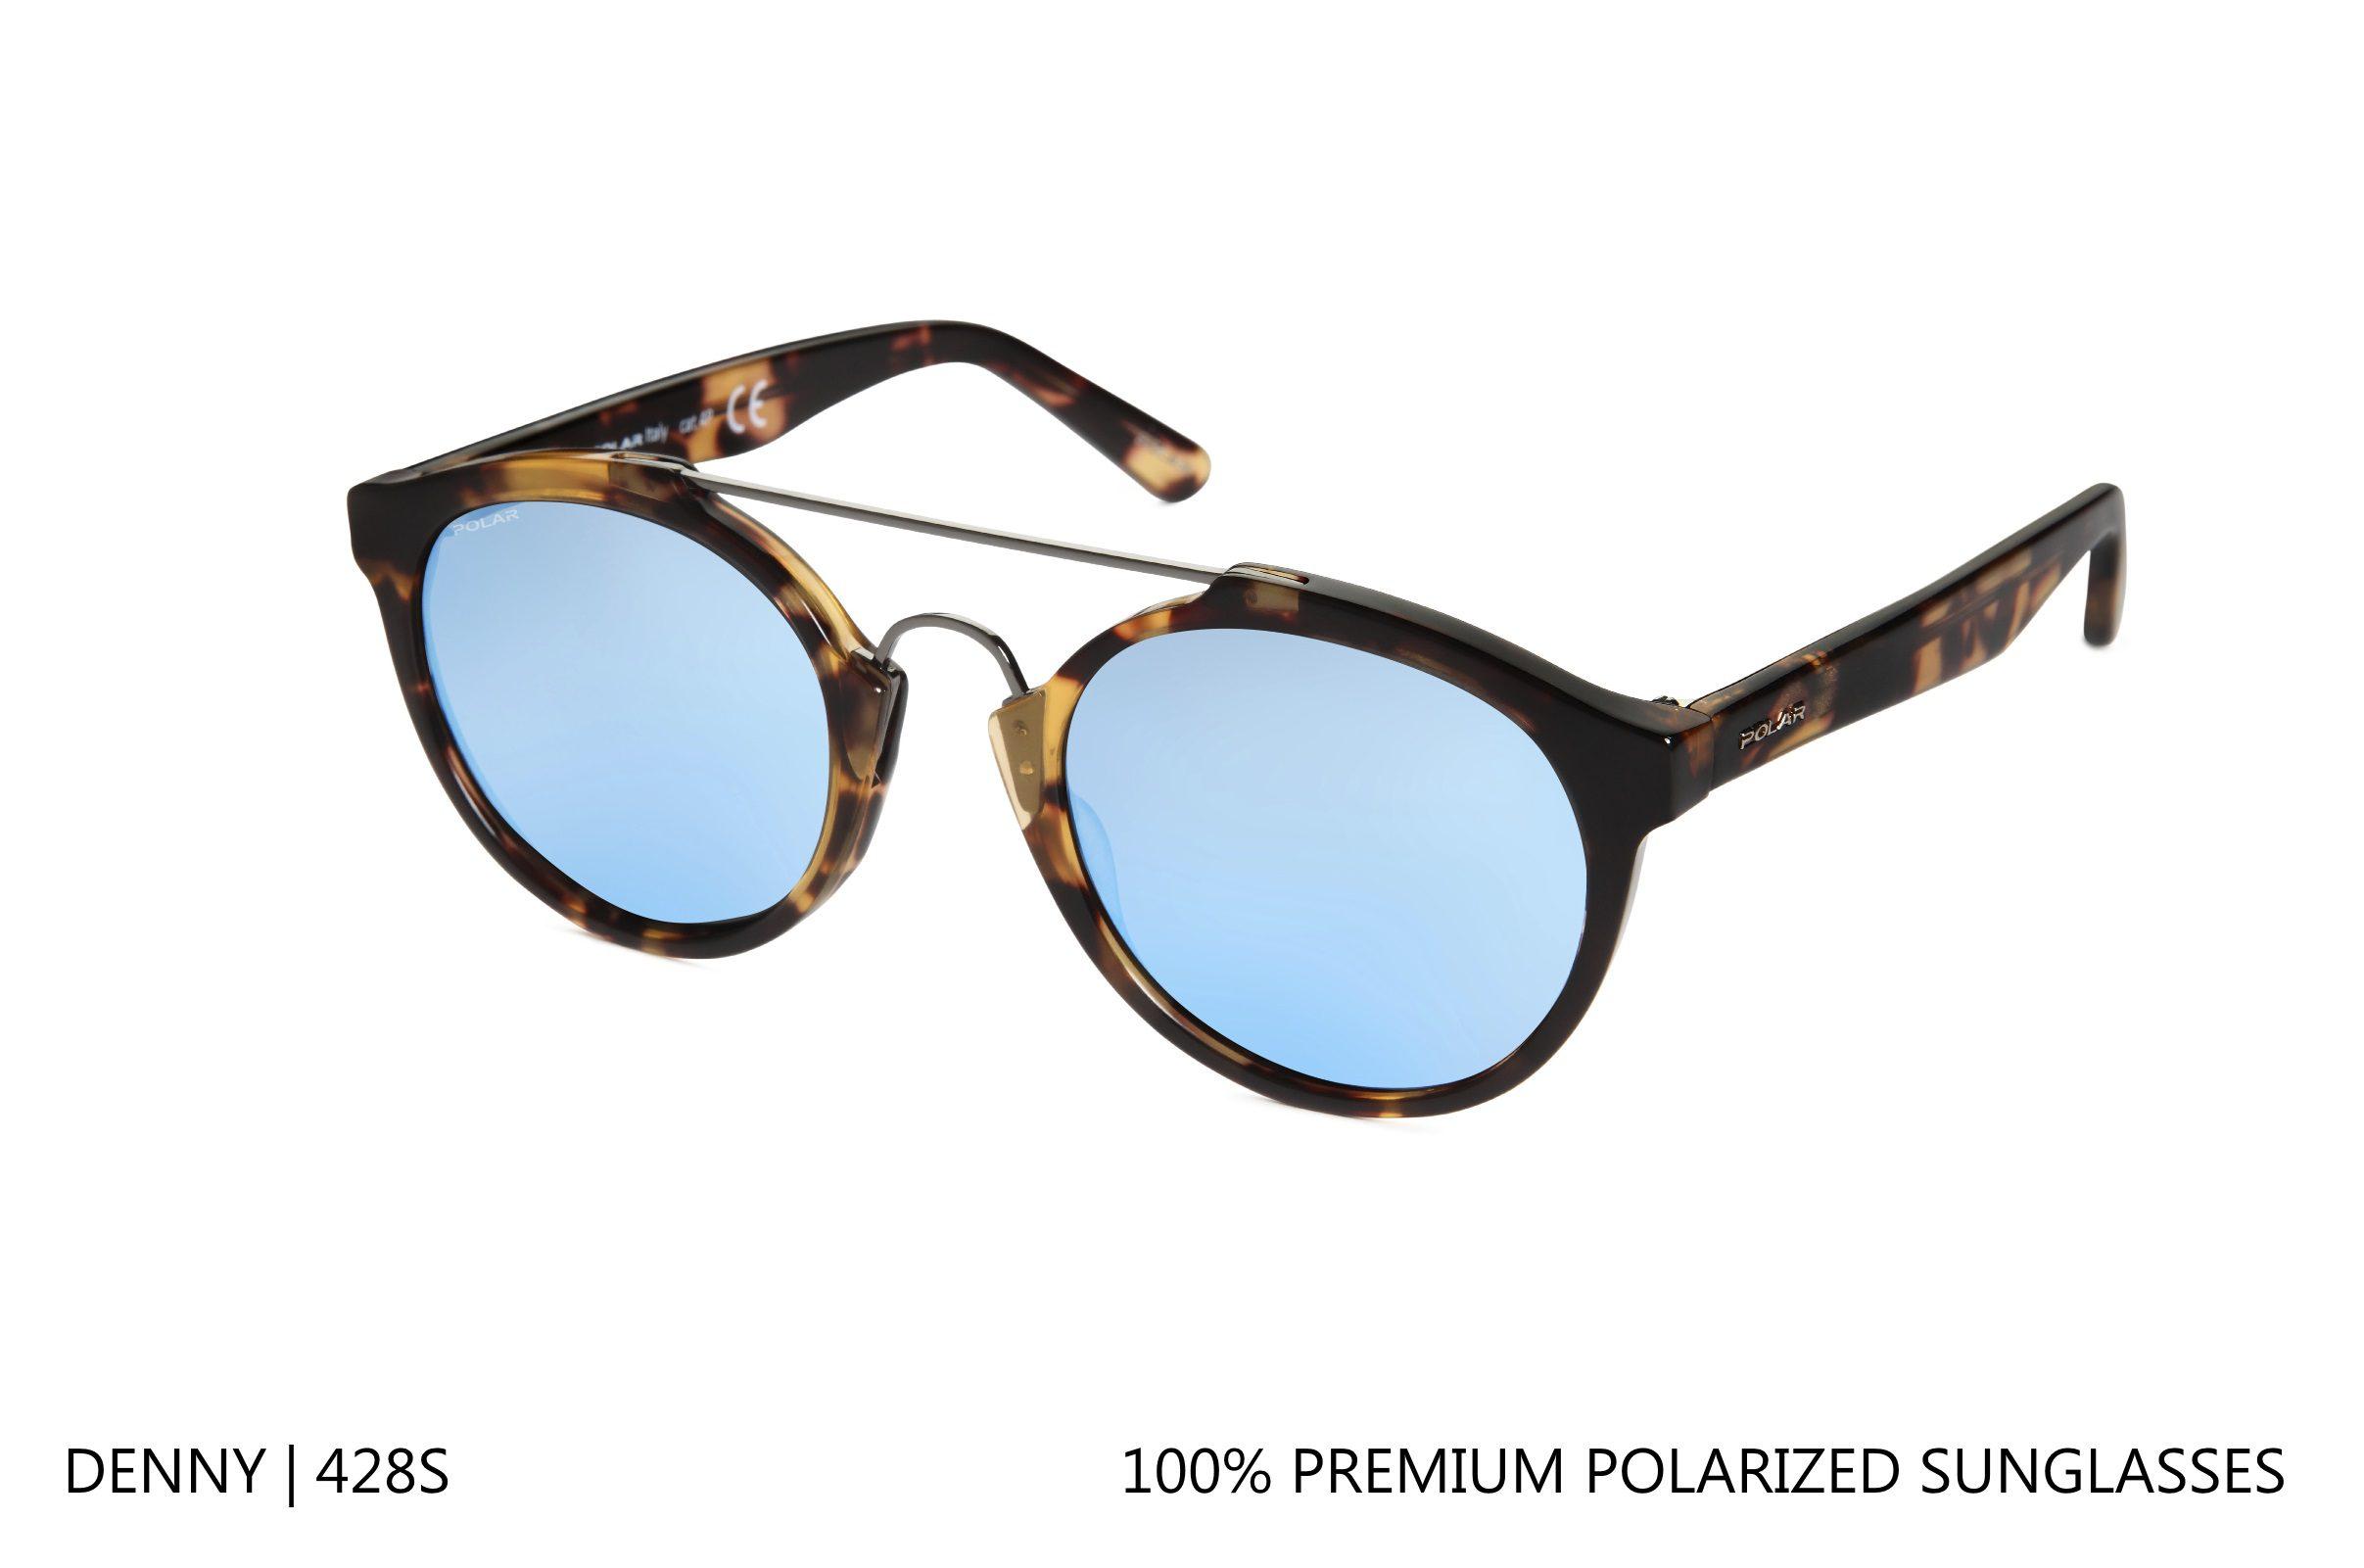 a97229df0f Γυαλιά Ηλίου POLAR Μοντέλο Denny col. 428 s - Sunglasses and more